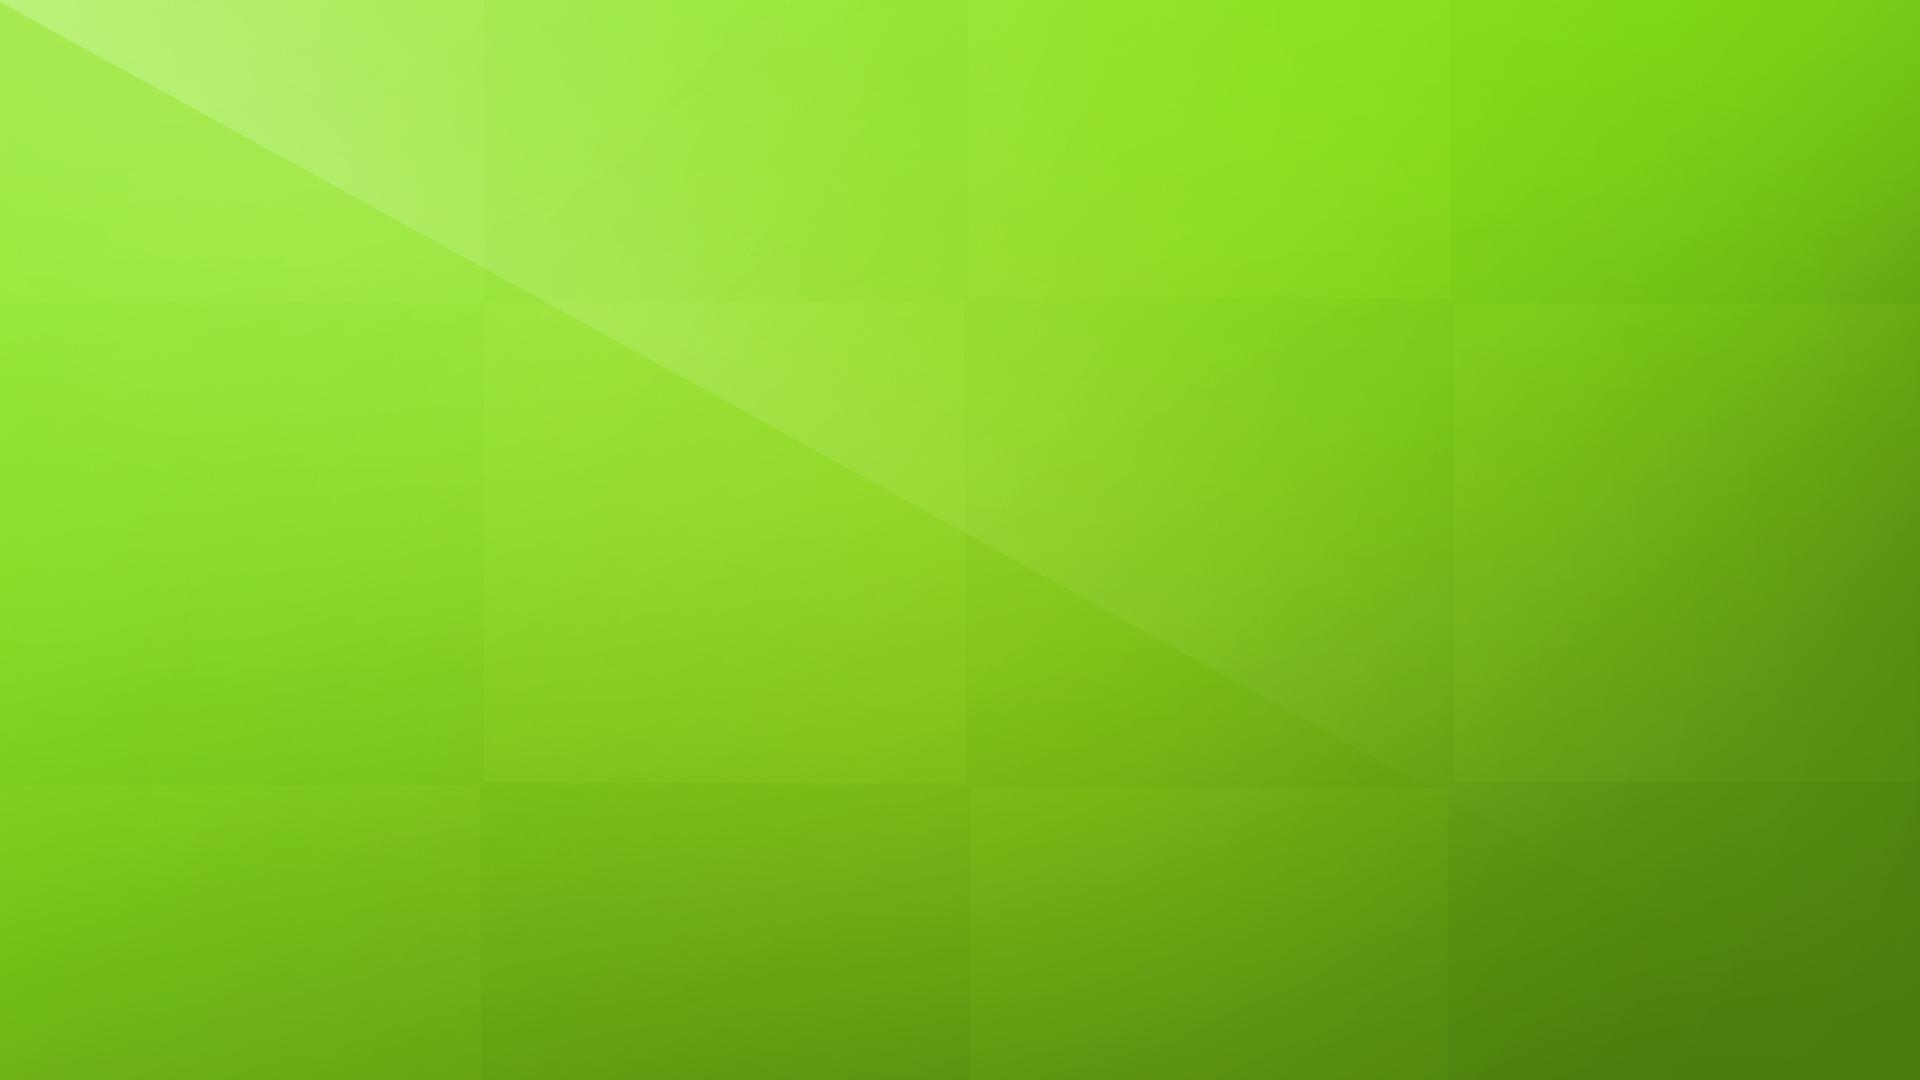 عکس های پس زمینه ی دسک تاپ برای ویندوز 8